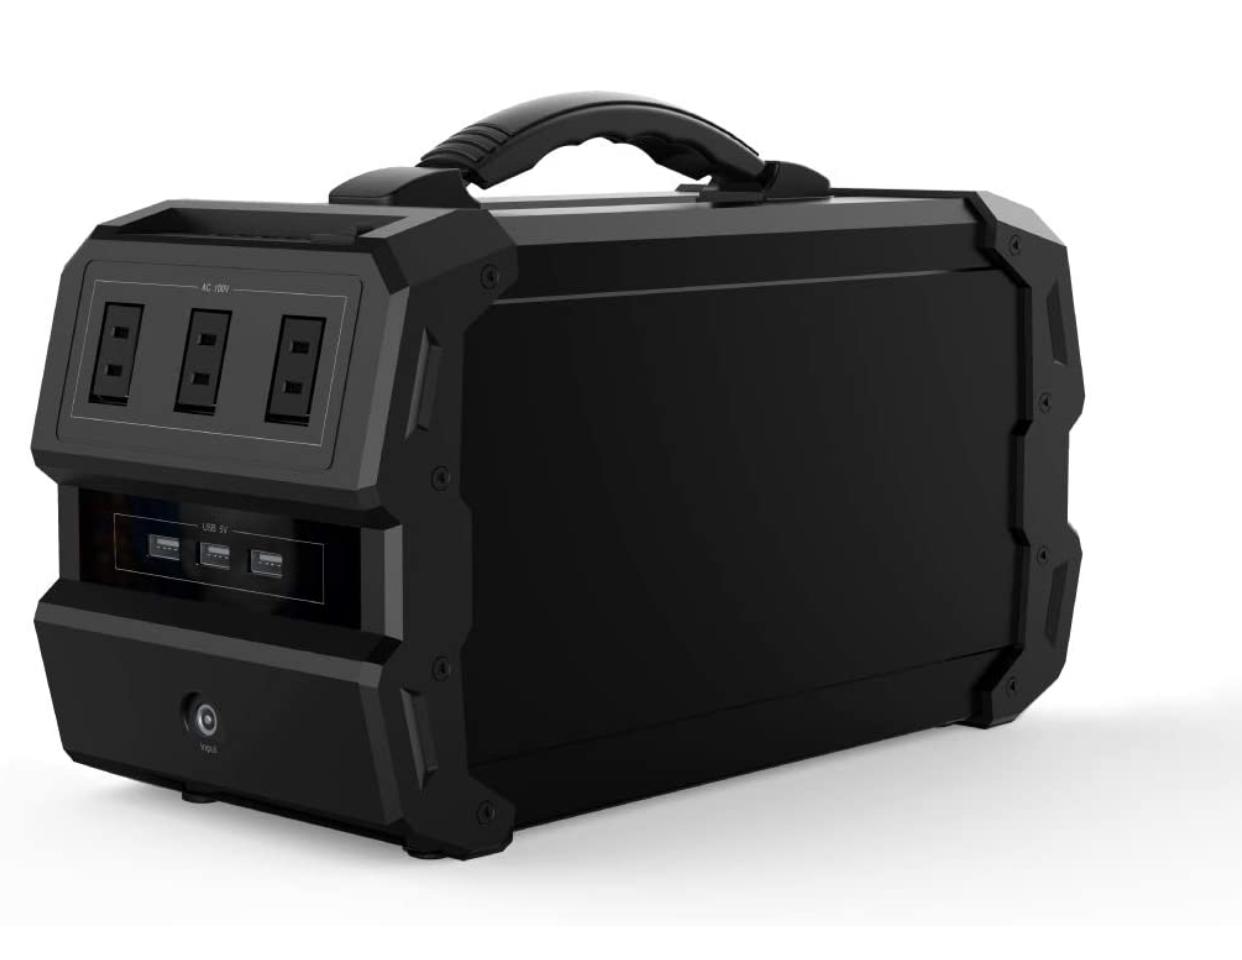 ポータブル電源「LACITA エナーボックス01」は今が買い!理由とは?